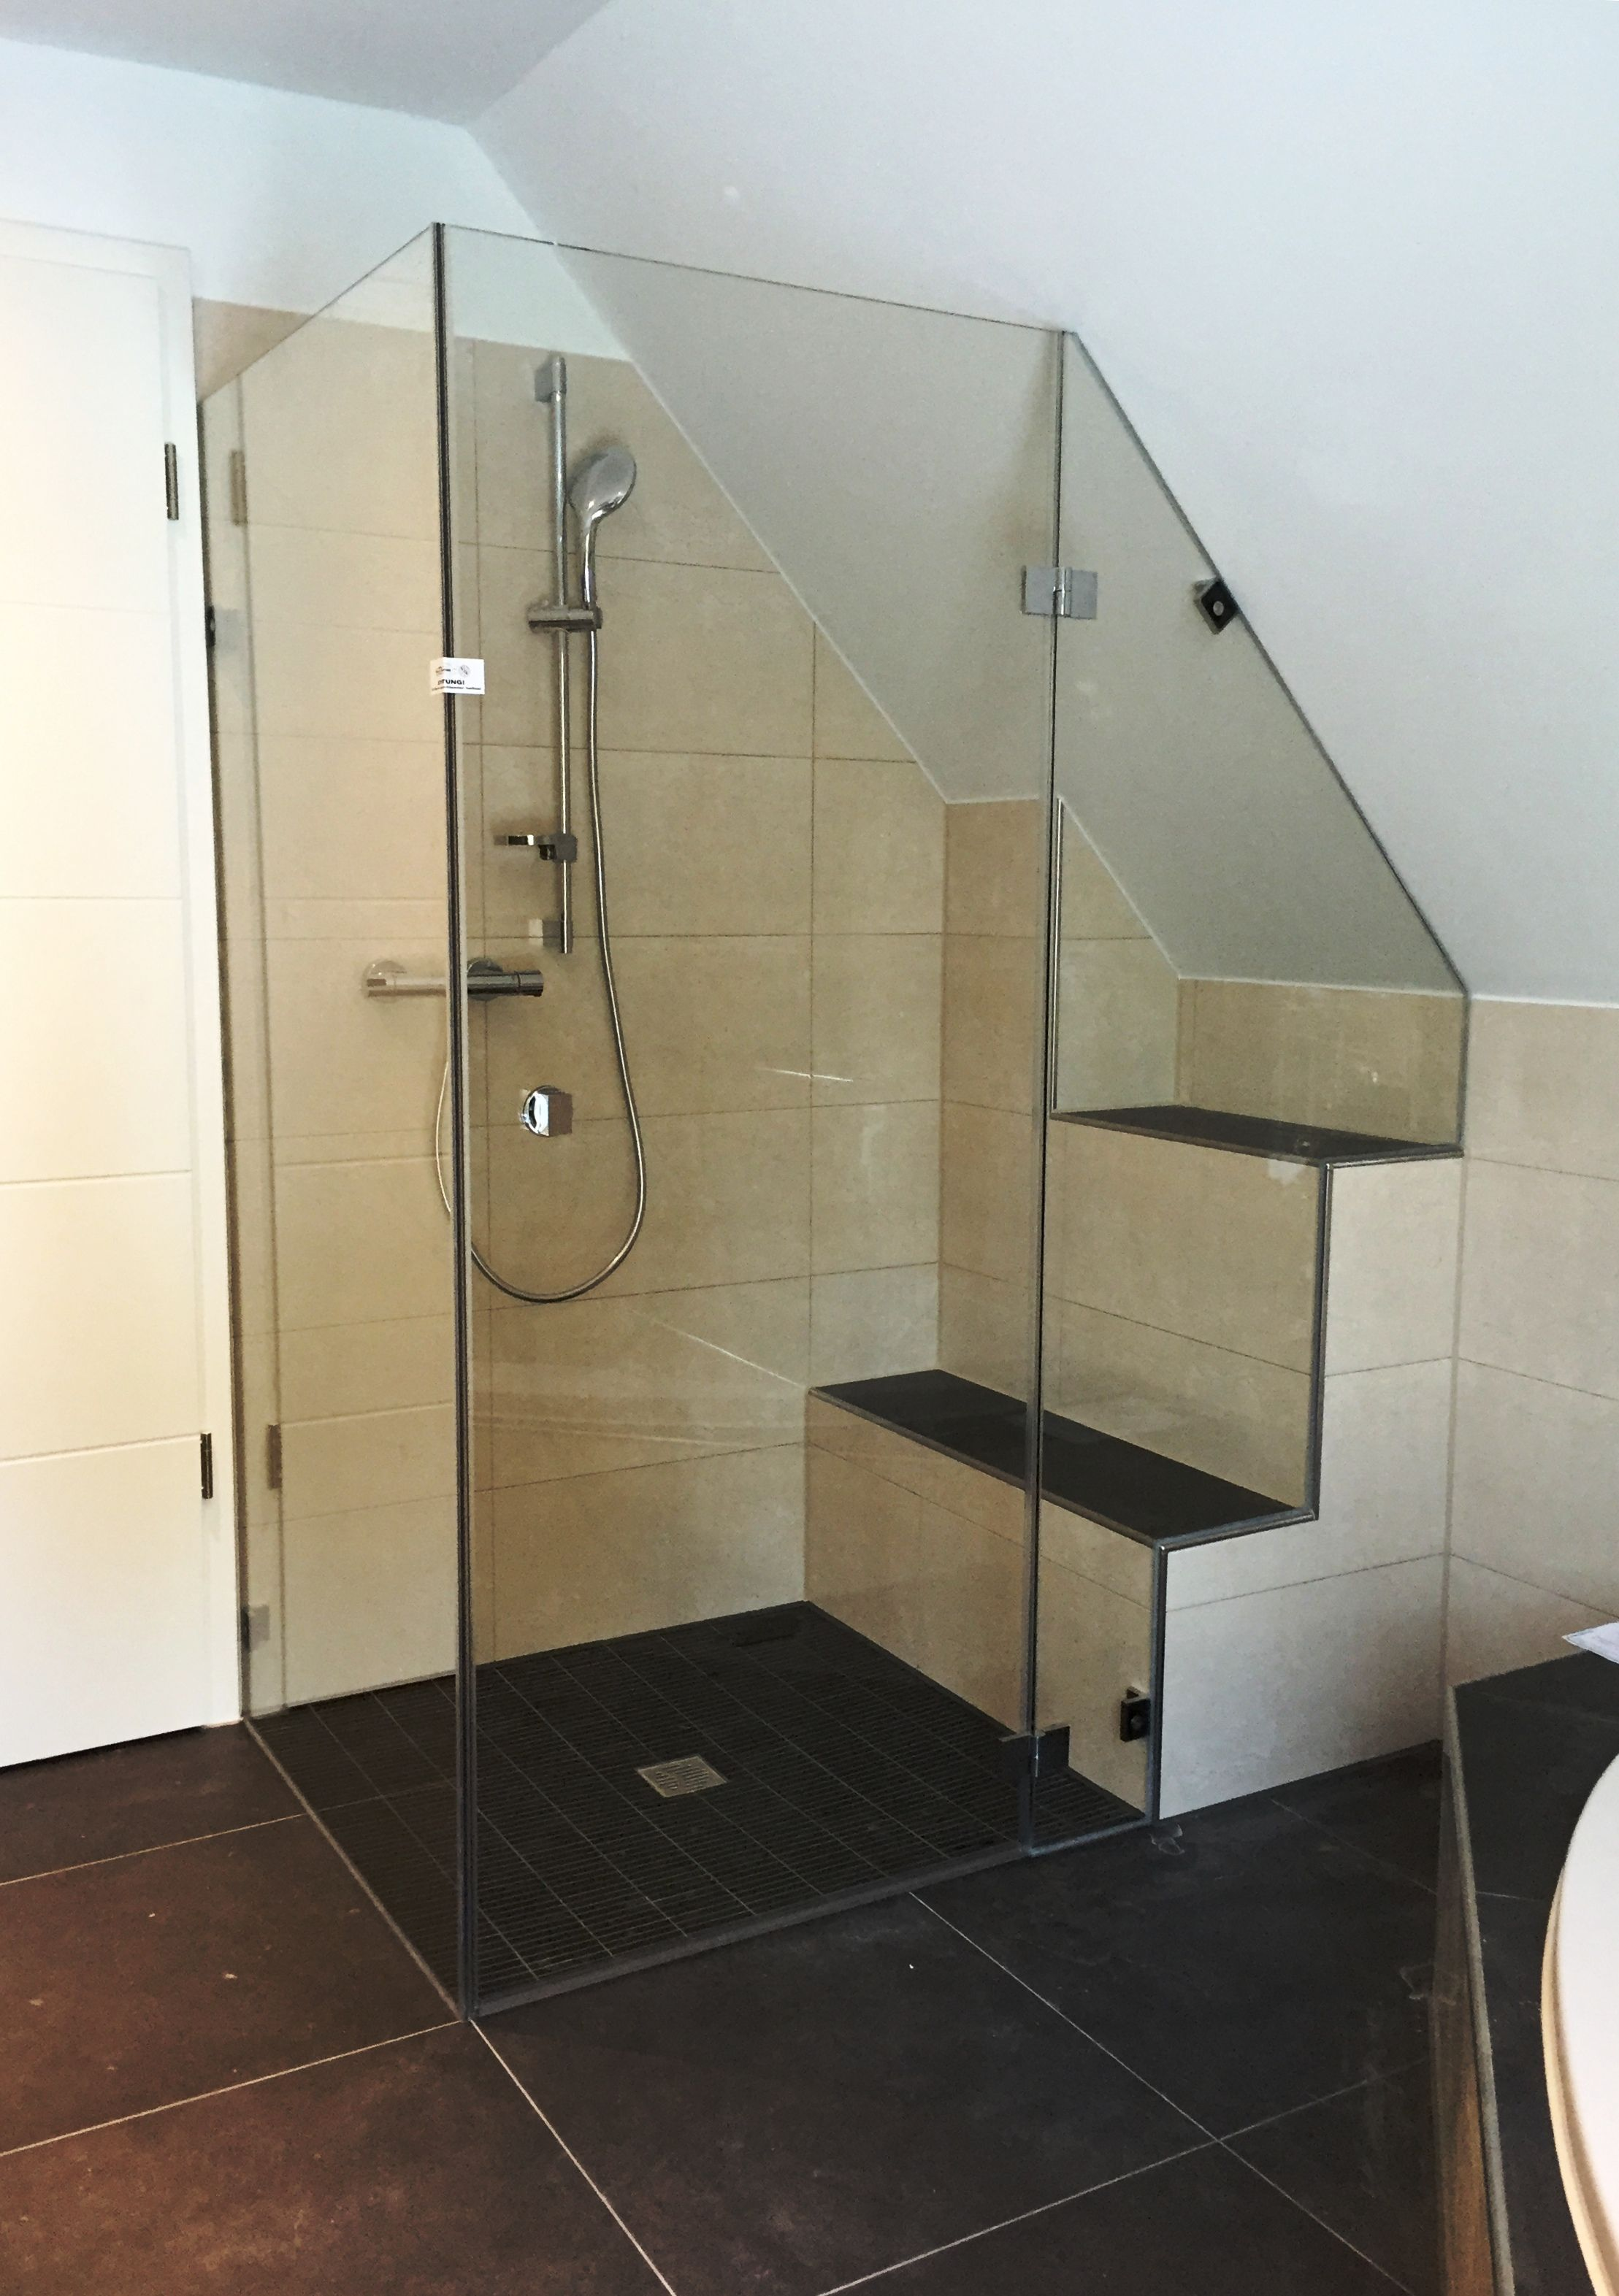 noch eine schne dusche aus glas von der glaserei nolting gmbh aus hannover www - Dusche Wandverkleidung Aus Glas